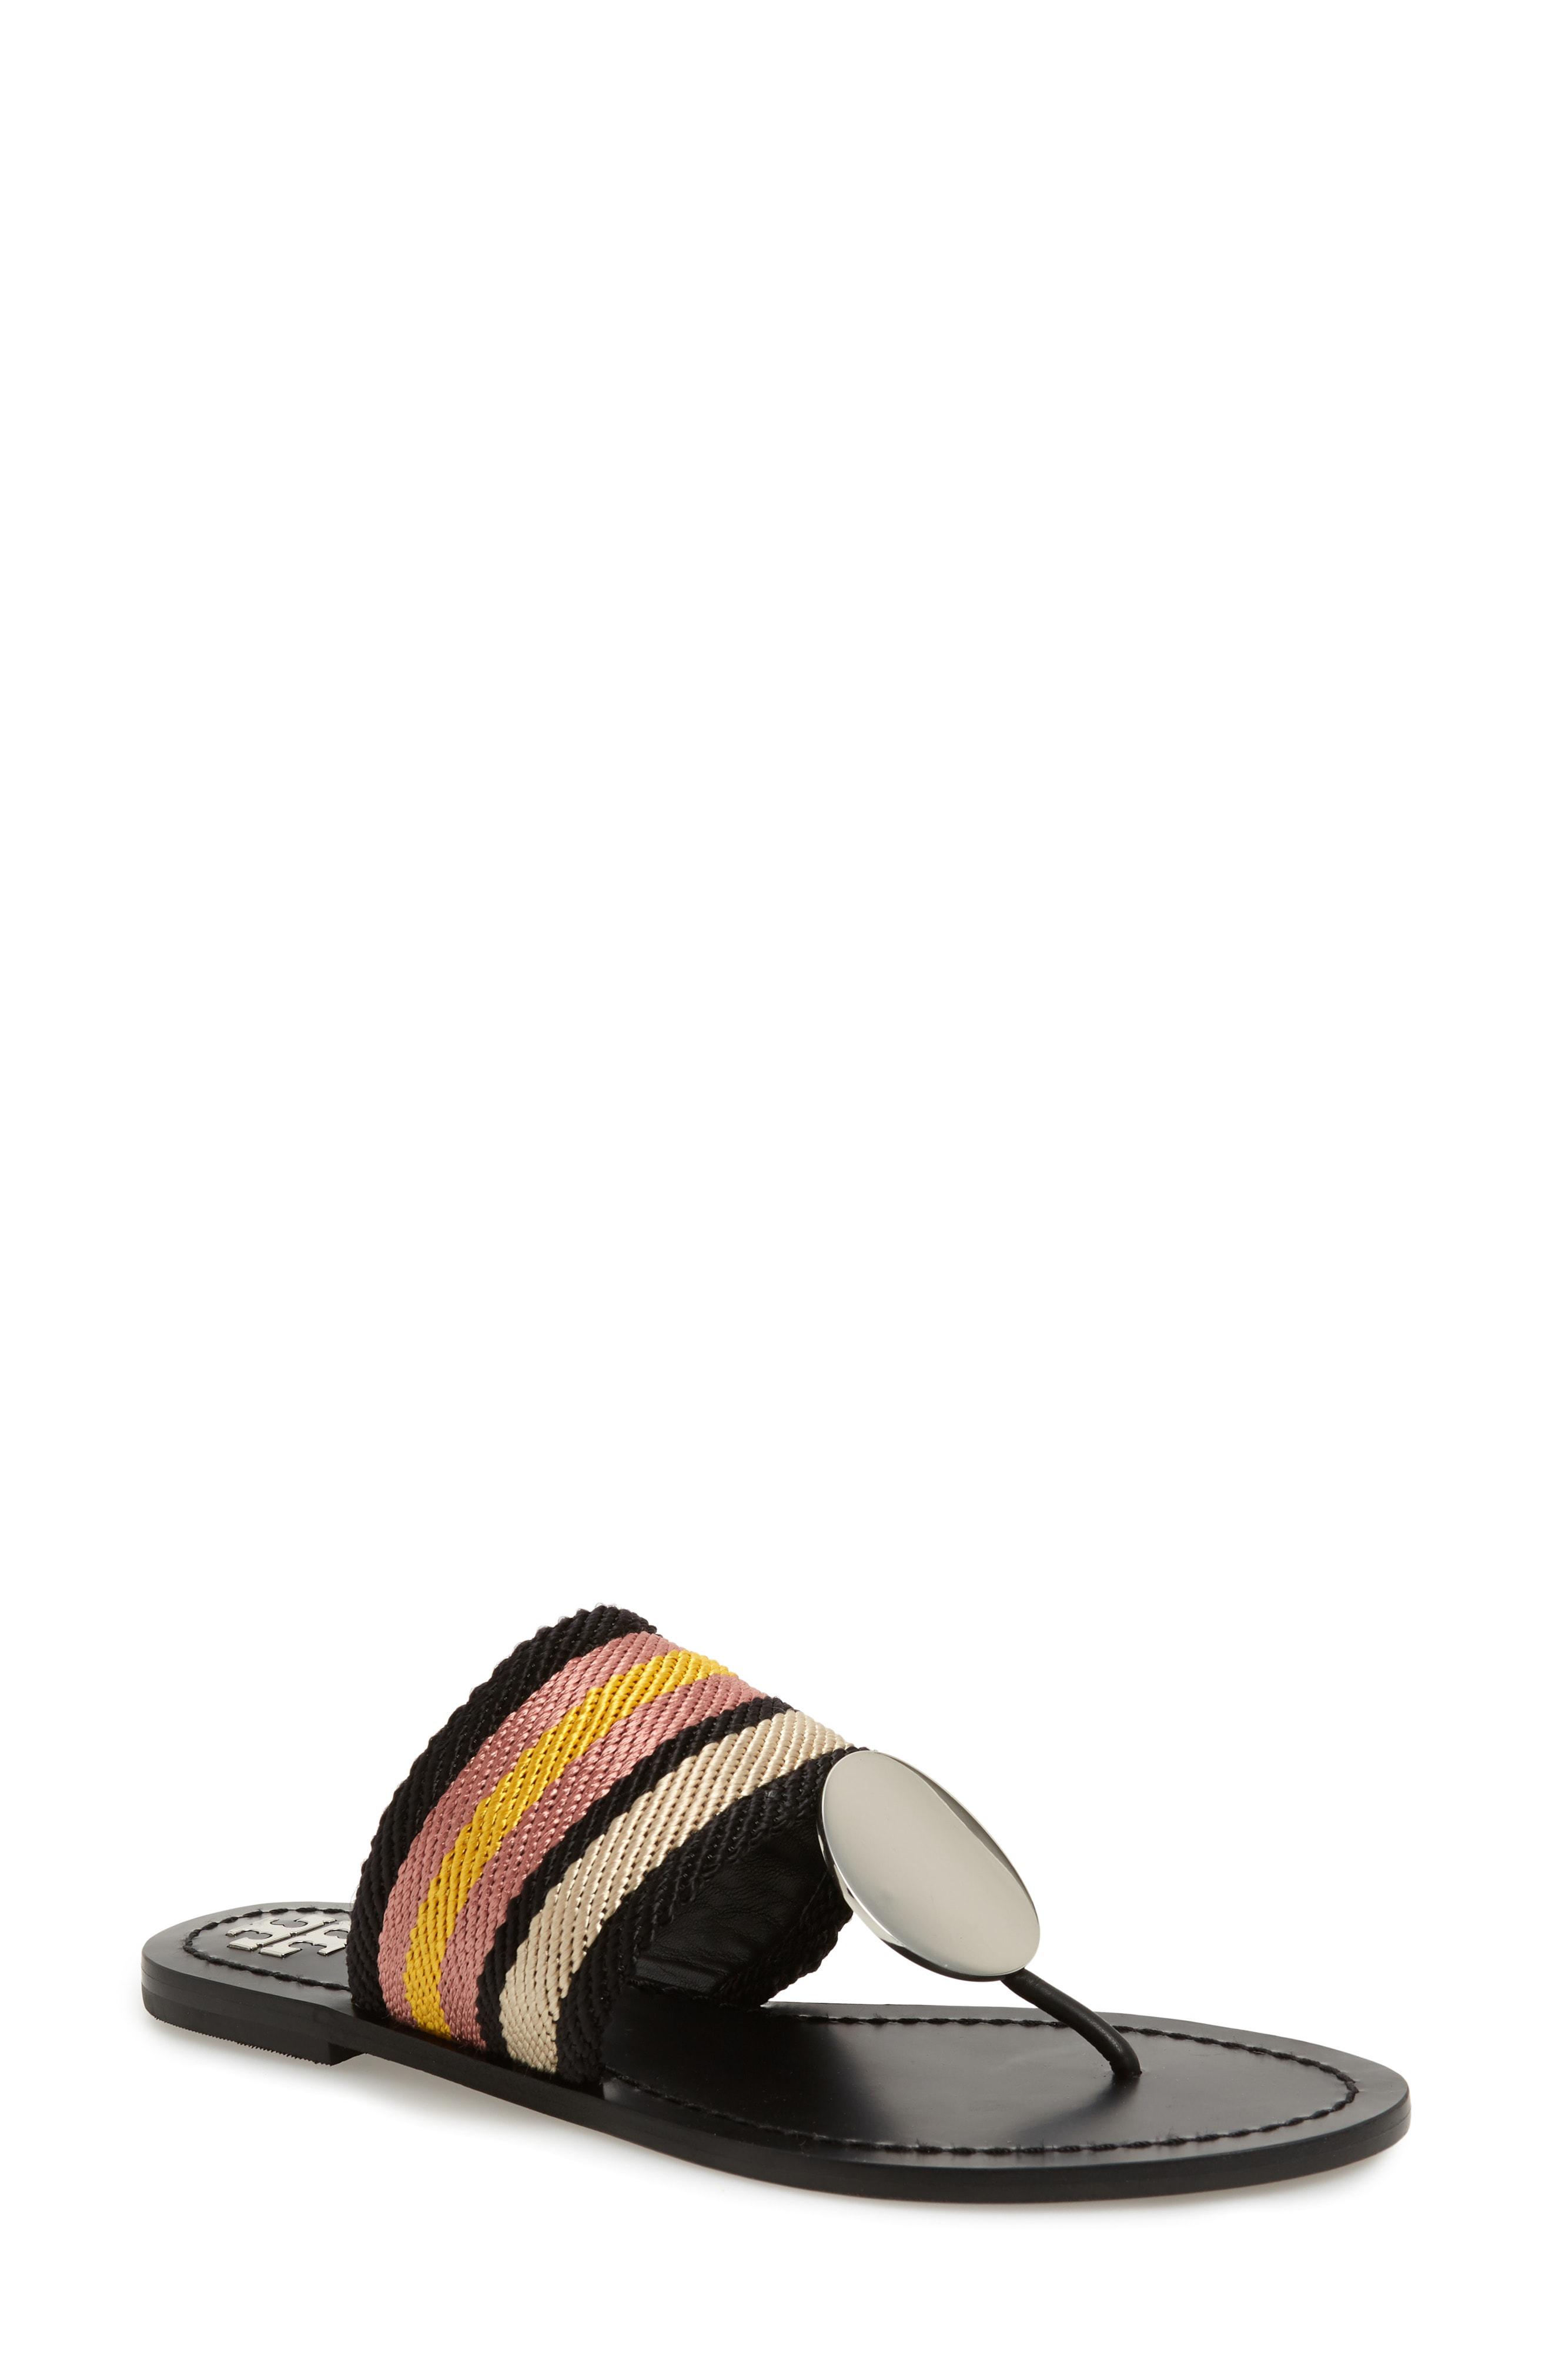 c094d826384a Tory Burch Patos Sandal In Black White Stripe  Royal Tan